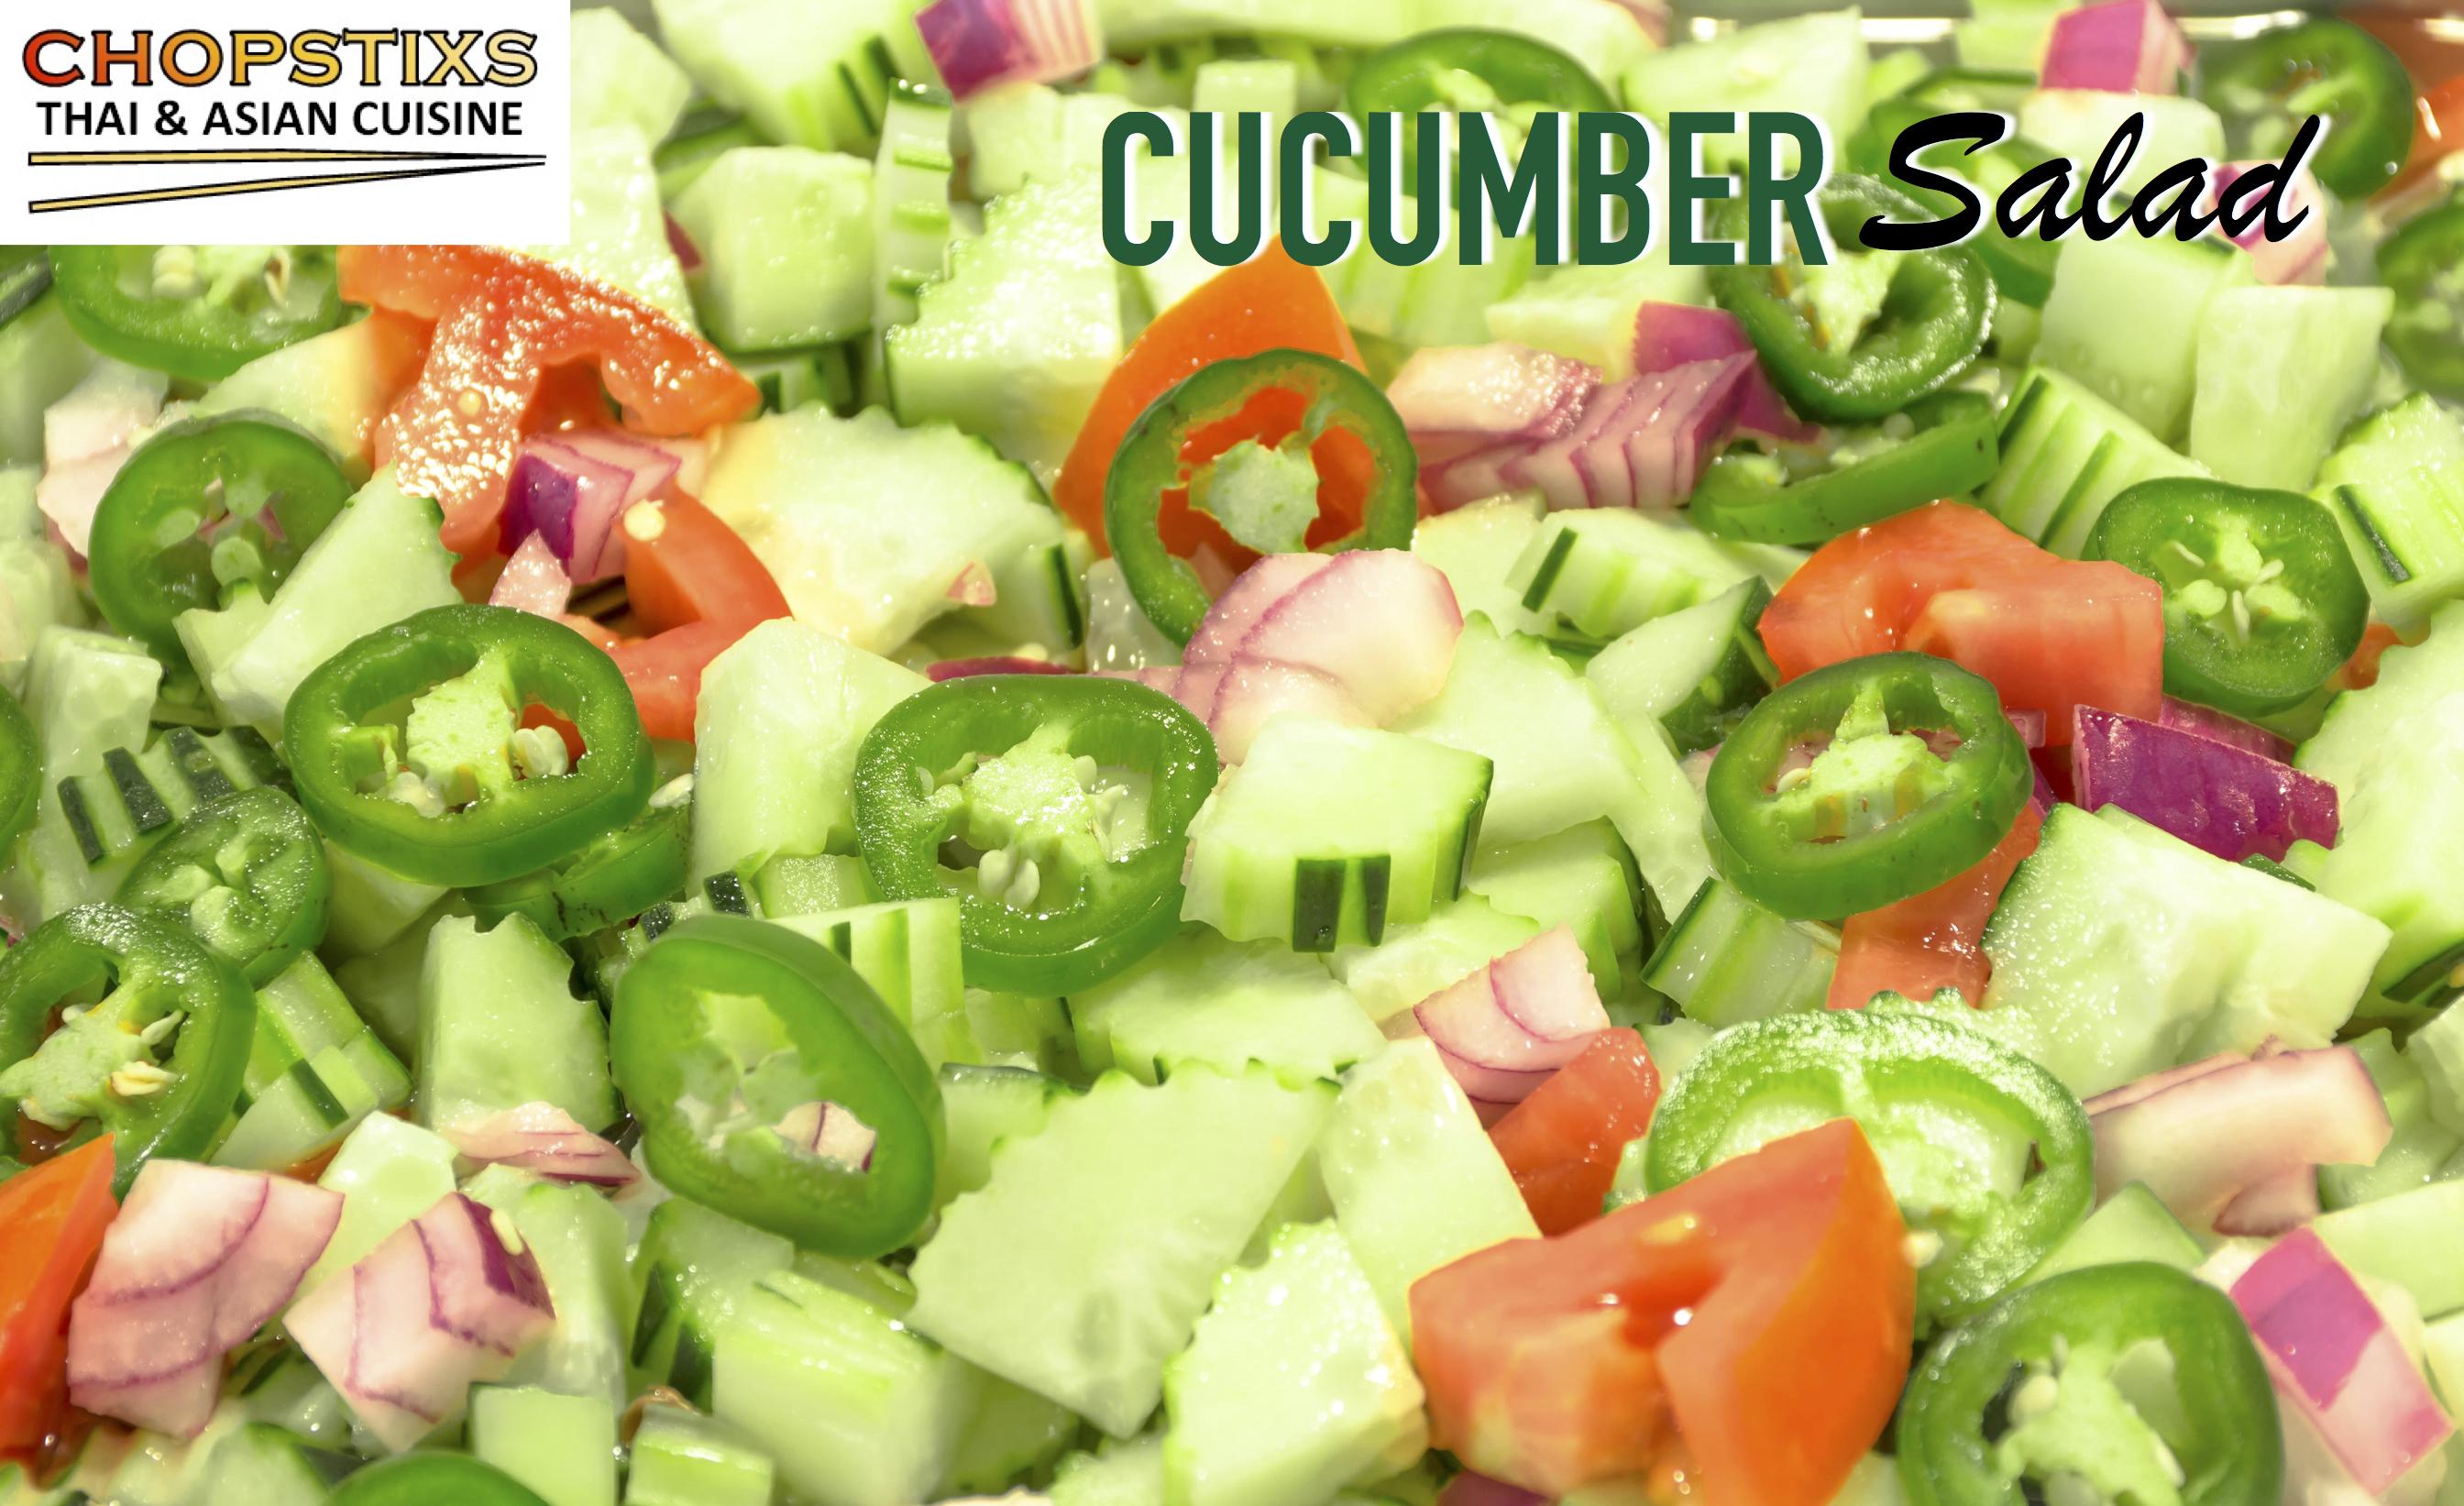 Cucumber Salad Image